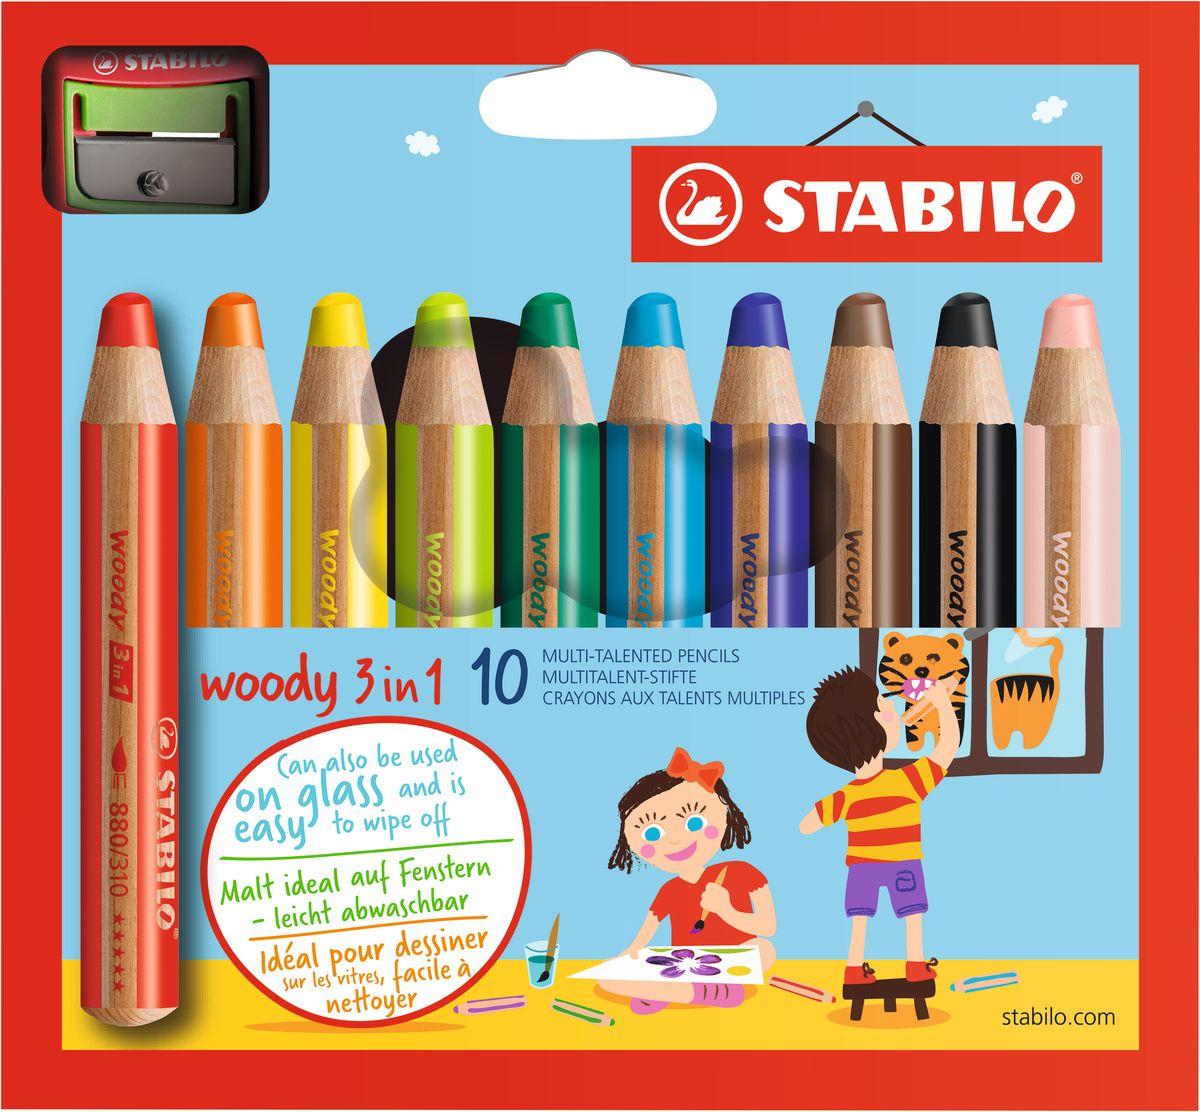 Stabilo Набор цветных карандашей Woody 3in1 10 цветов + точилка72523WDСупертолстый цветной карандаш, акварель и восковой мелок в одном. Это уникальные карандаши, сочетающие в себе возможности цветных карандашей, акварельных красок и восковых мелков. Пишут практически на всех гладких поверхностях, сключая сткло! Обеспечивают великолепный результат на темной бумаге благодаря исключительной яркости и интенсивности цвета. Великолепные акварельные качества. Очень прочный грифель диаметром 10 см для мягких штрихов. Цвет корпуса карандаша соответсвует цвету грифеля. Набор из 10 карандашей ПЛЮС точилка для толстых карандашей.